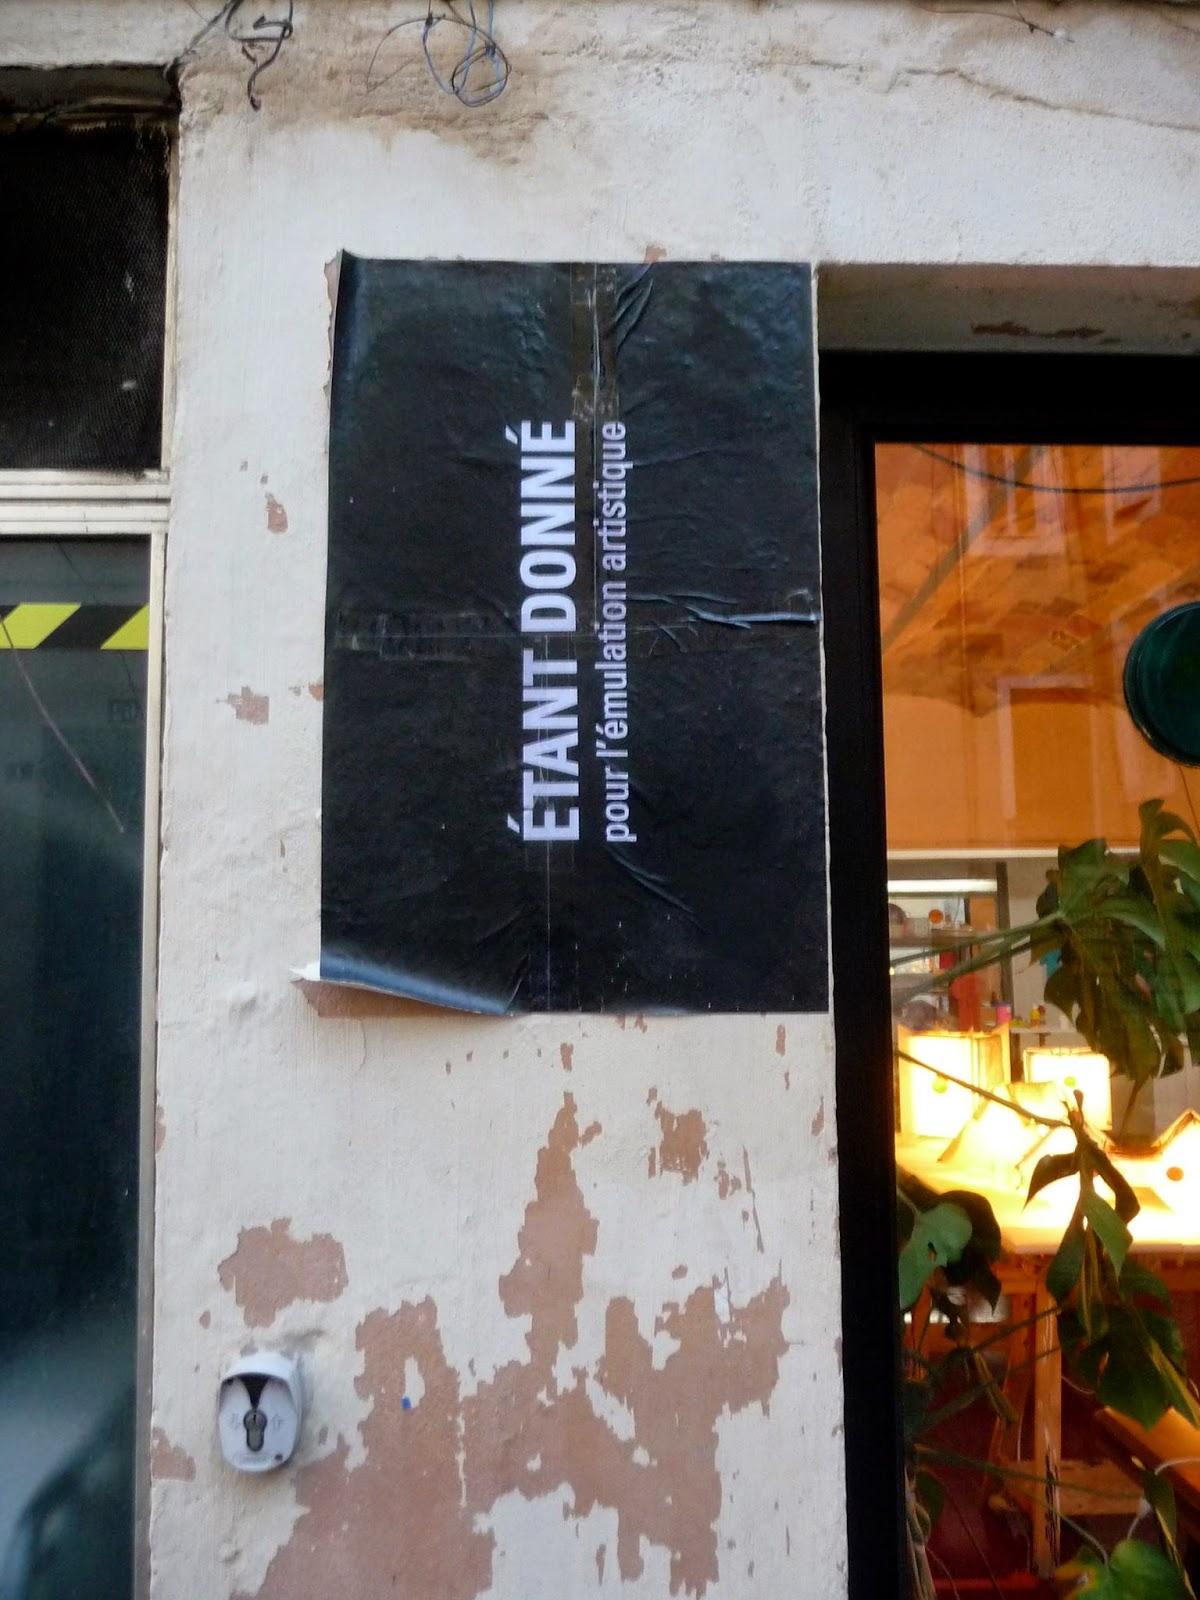 Atelier et Galerie Etant Donné, 7 rue du Courtieu, Nîmes